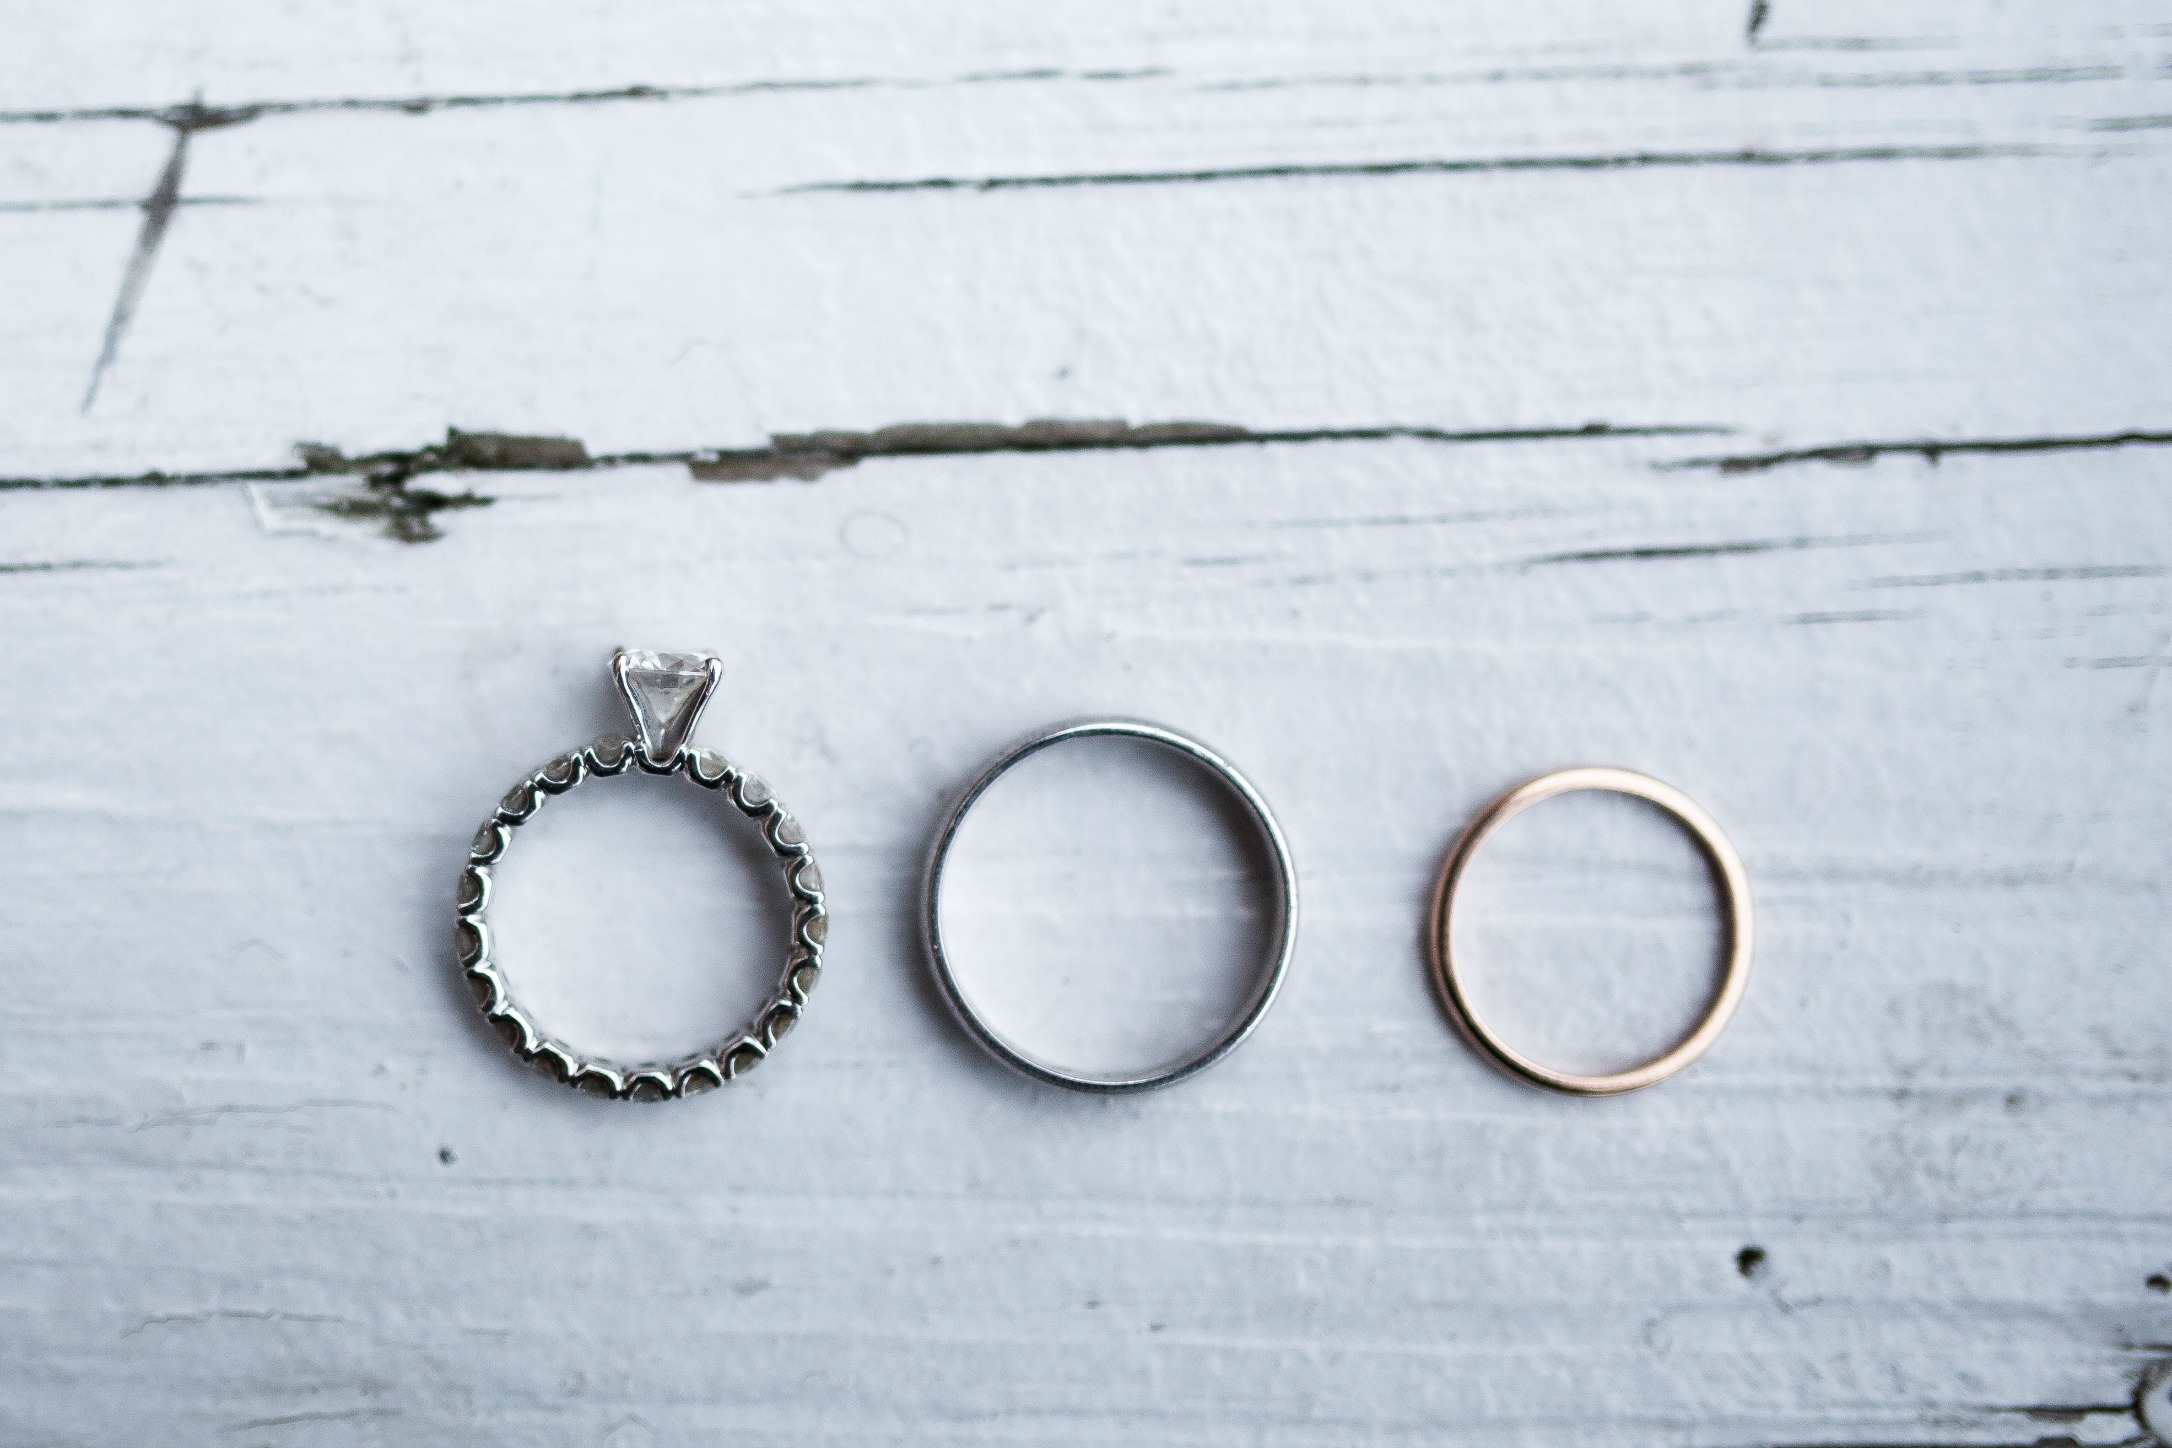 NYC Chic Winter Wedding ǀ Dee Kay Events ǀ Wedding Consultant ǀ Wedding Design ǀ Wedding Rings